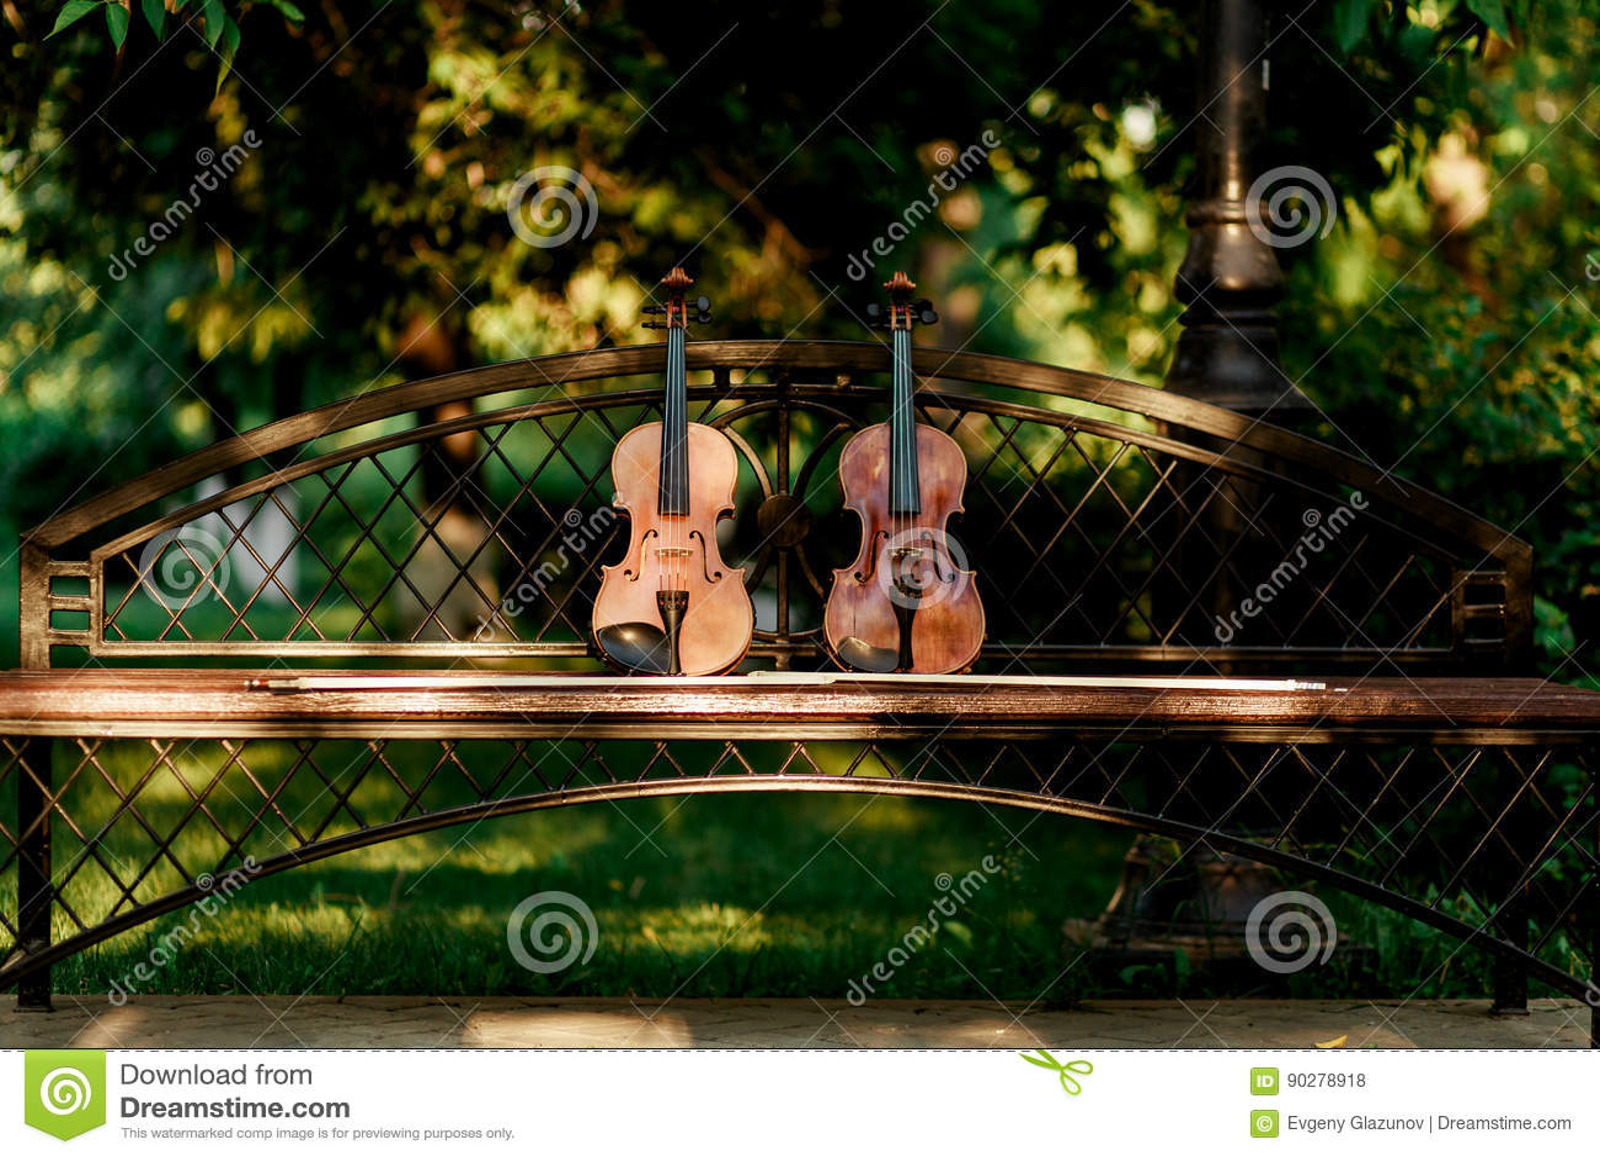 小提琴乐队的乐器 小提琴在长凳的公园